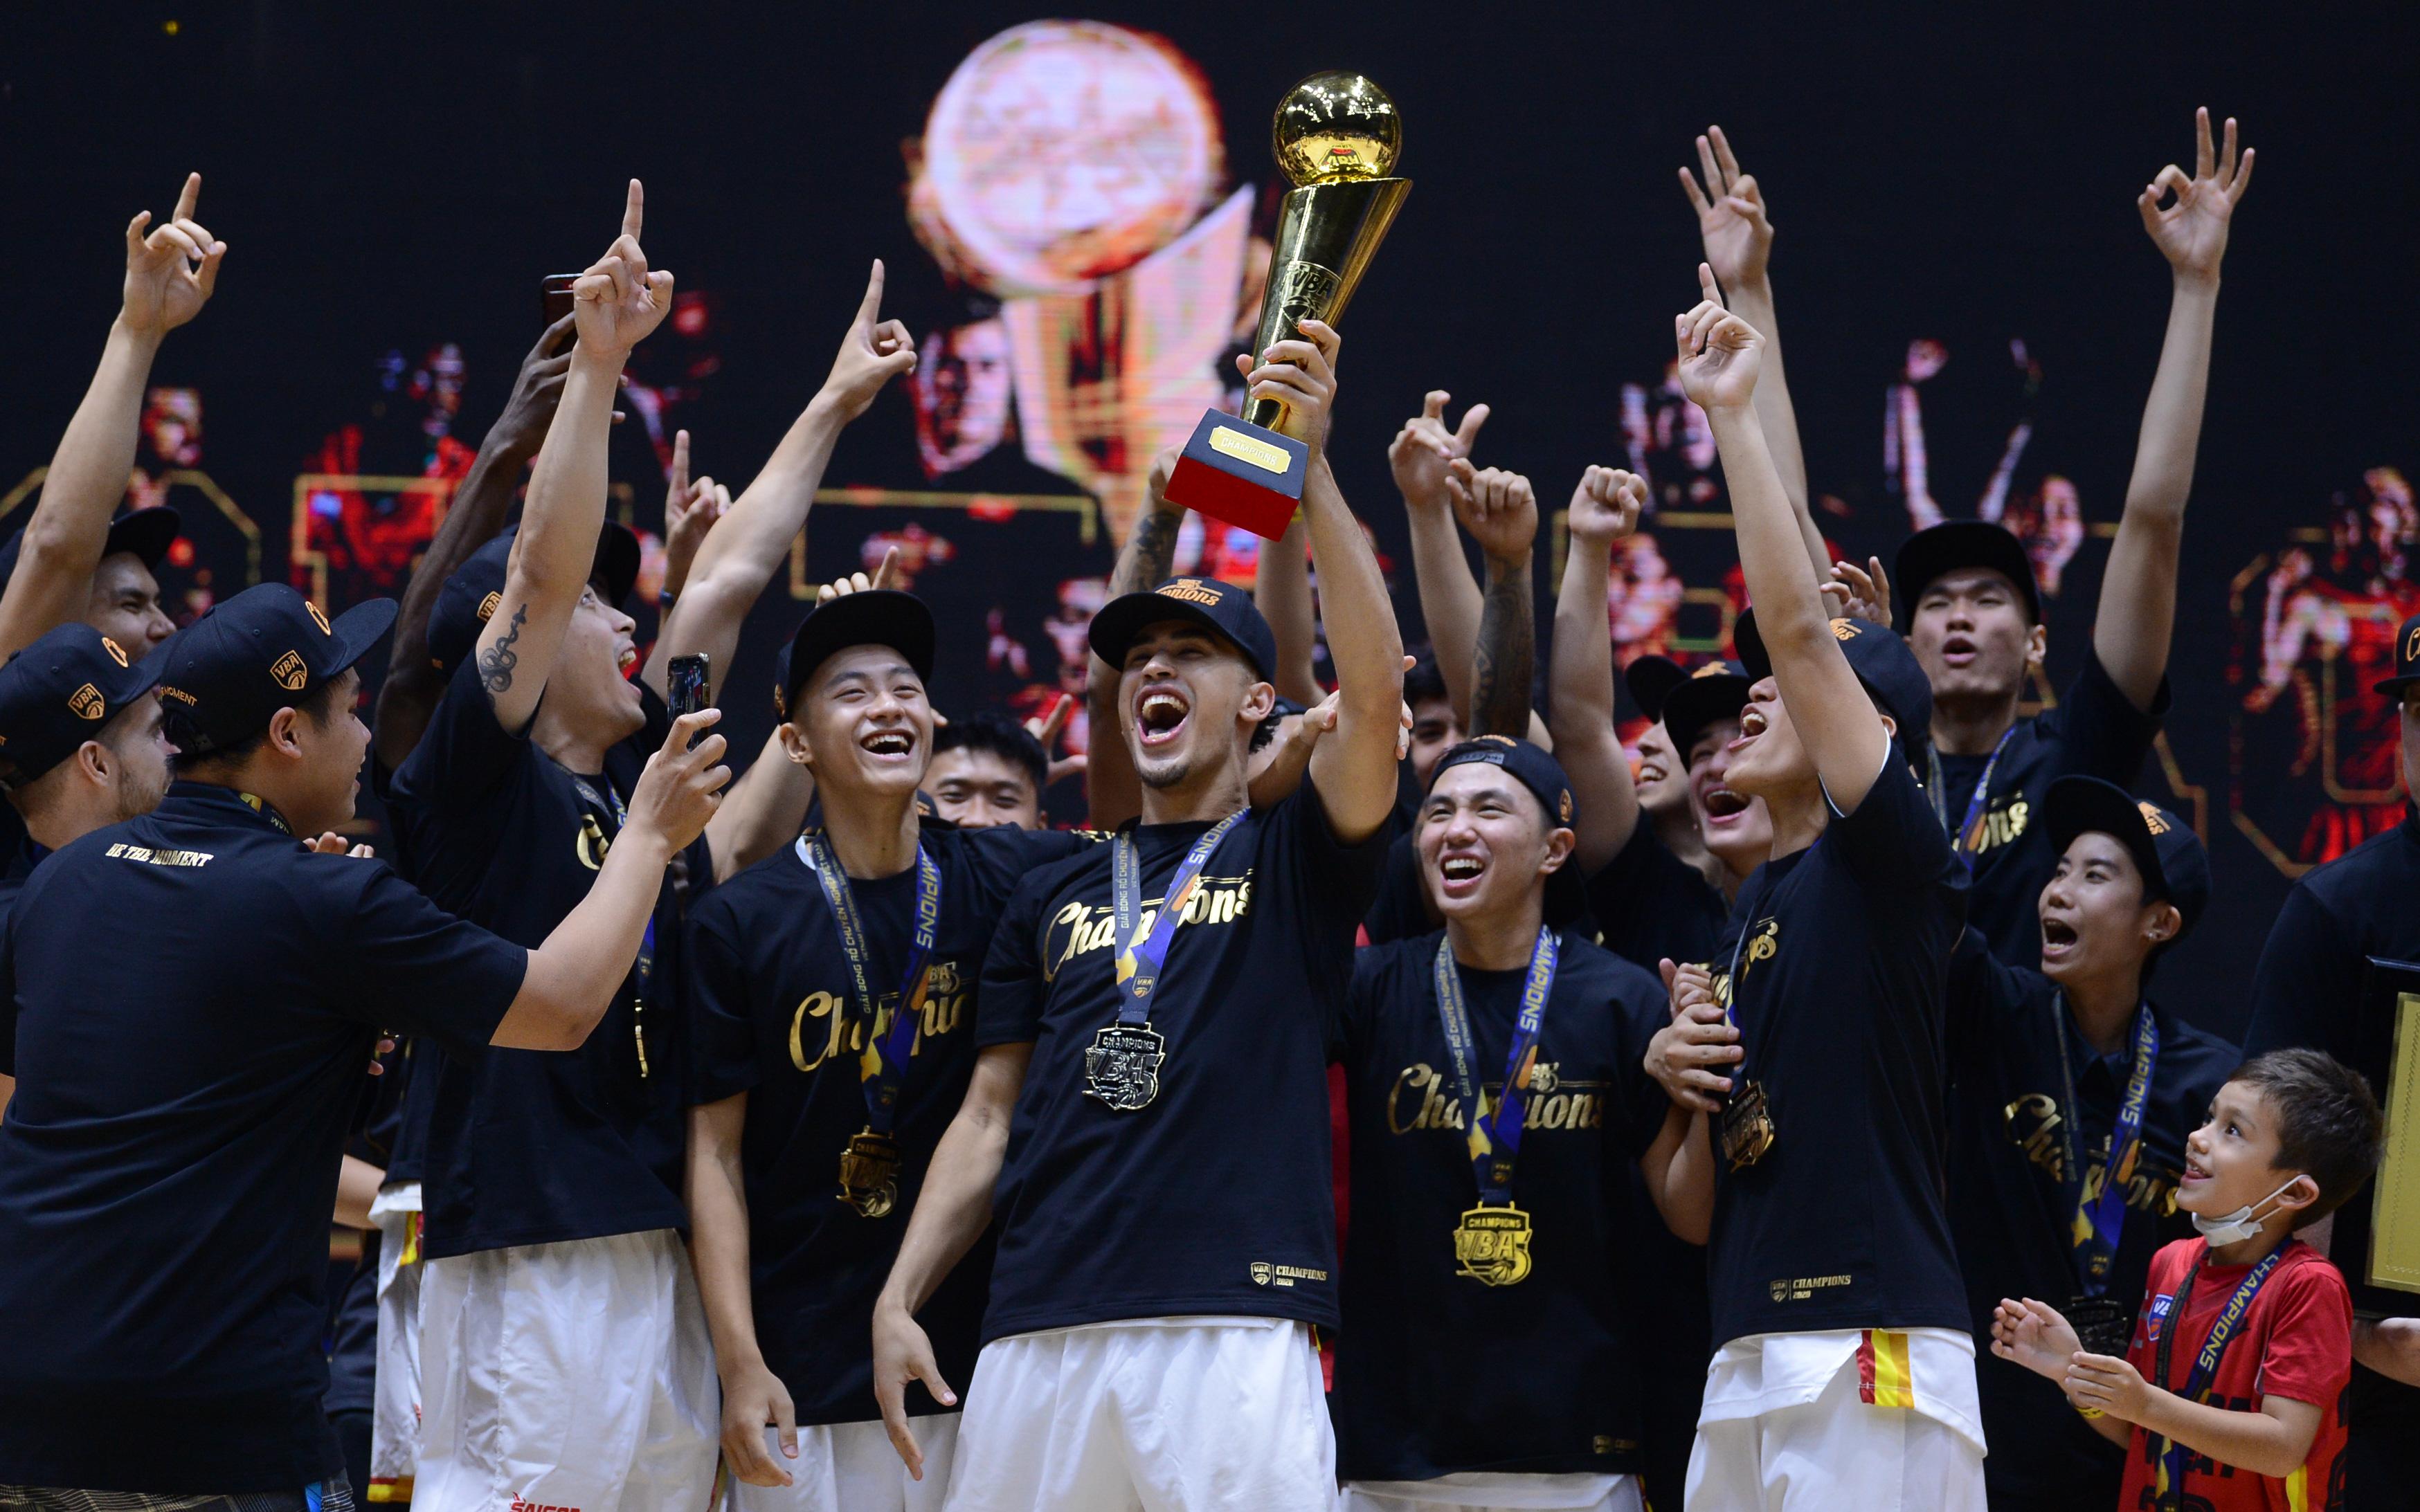 VBA 2021 sẽ có đến 4 chiếc cúp dành cho nhà vô địch?